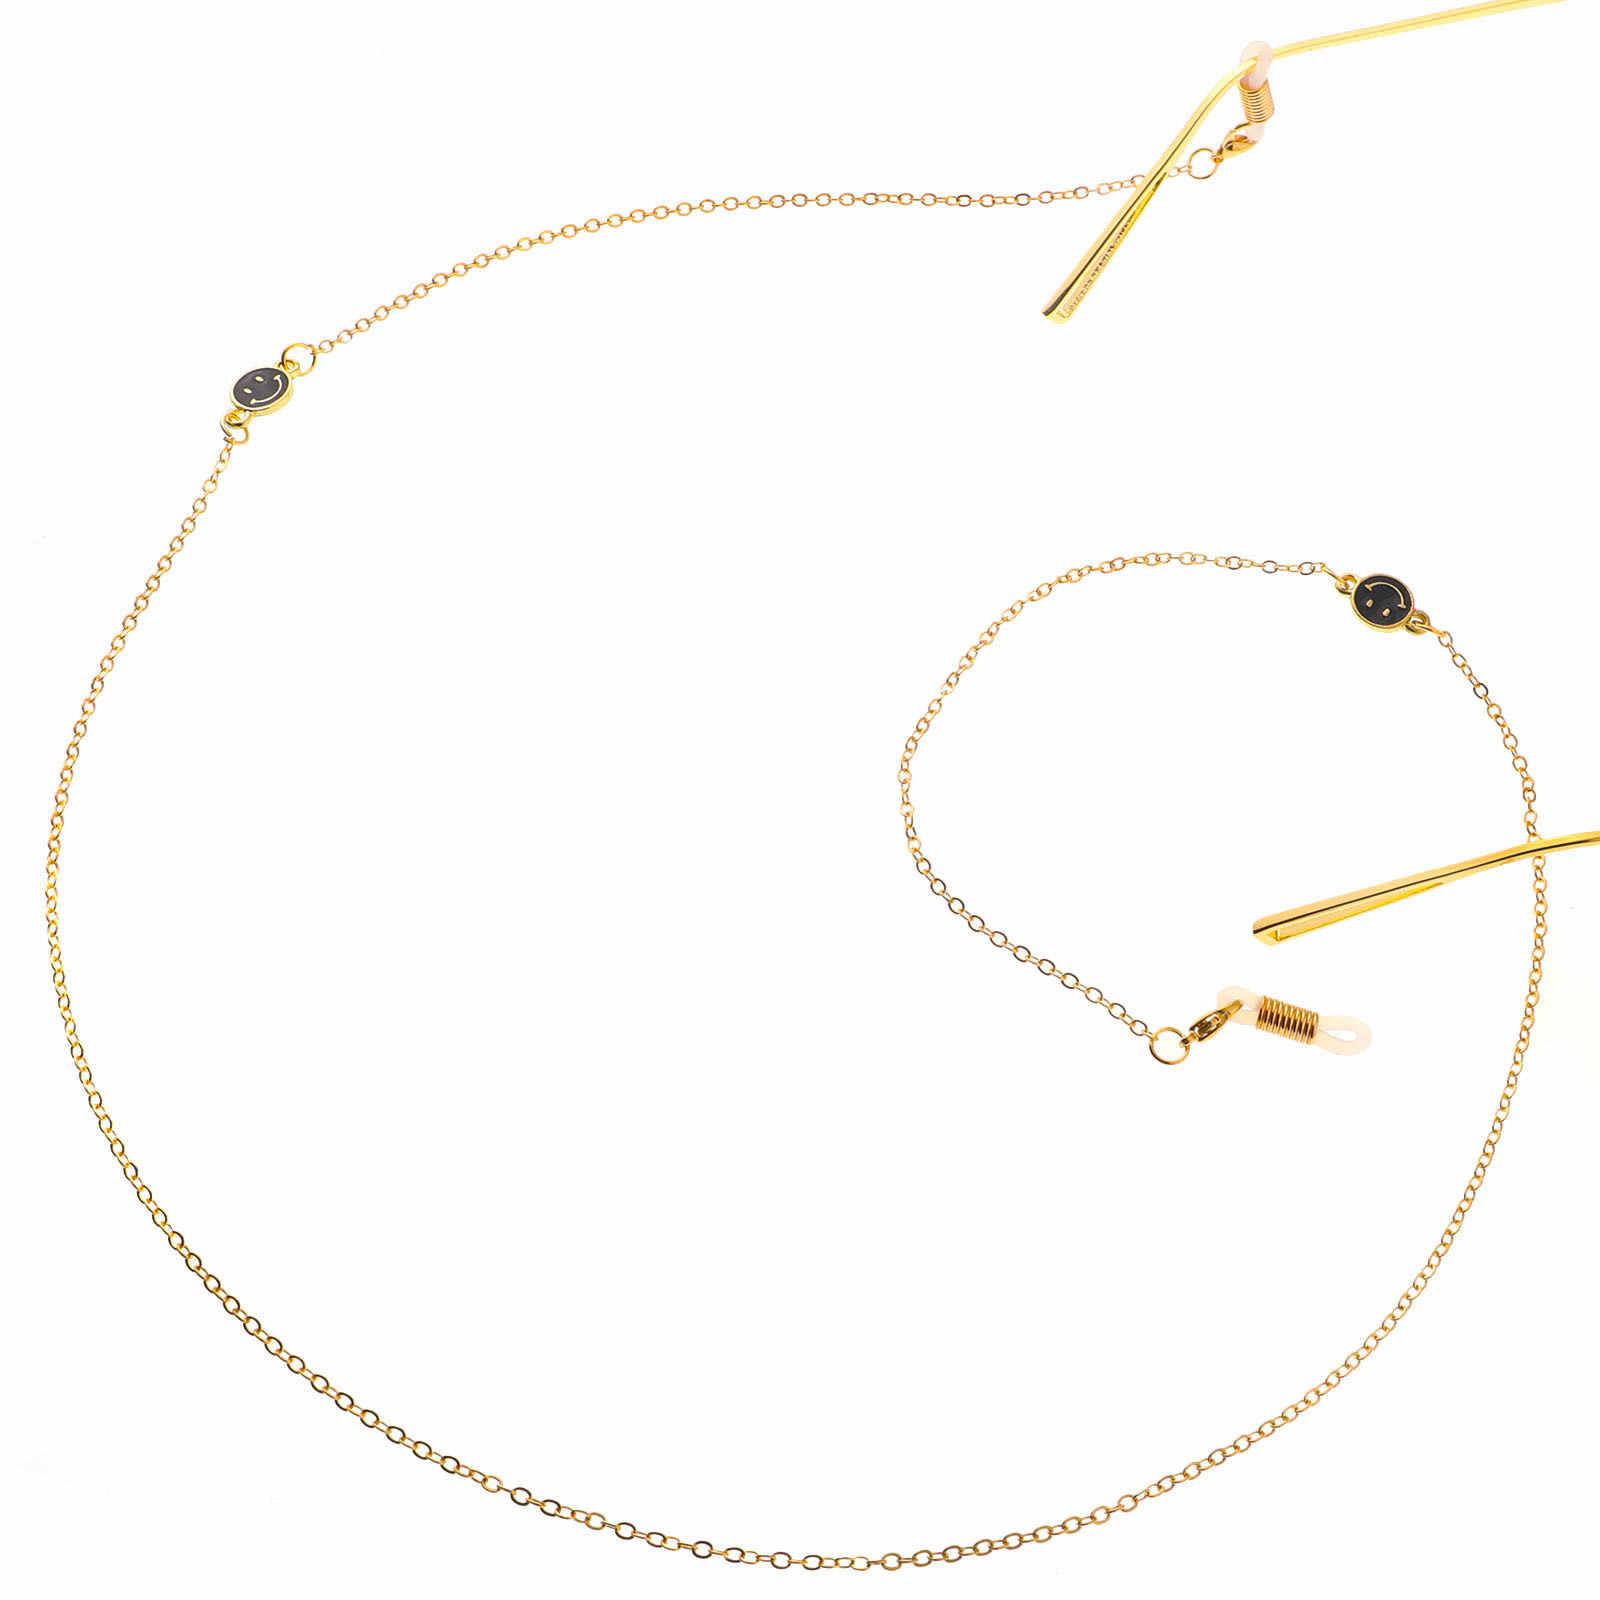 แฟชั่น Gold-TONE สีดำและสีขาวรูปแบบยิ้มแว่นตาจี้ Presbyopic แว่นตา Anti-loss จี้ AliExpress amaz